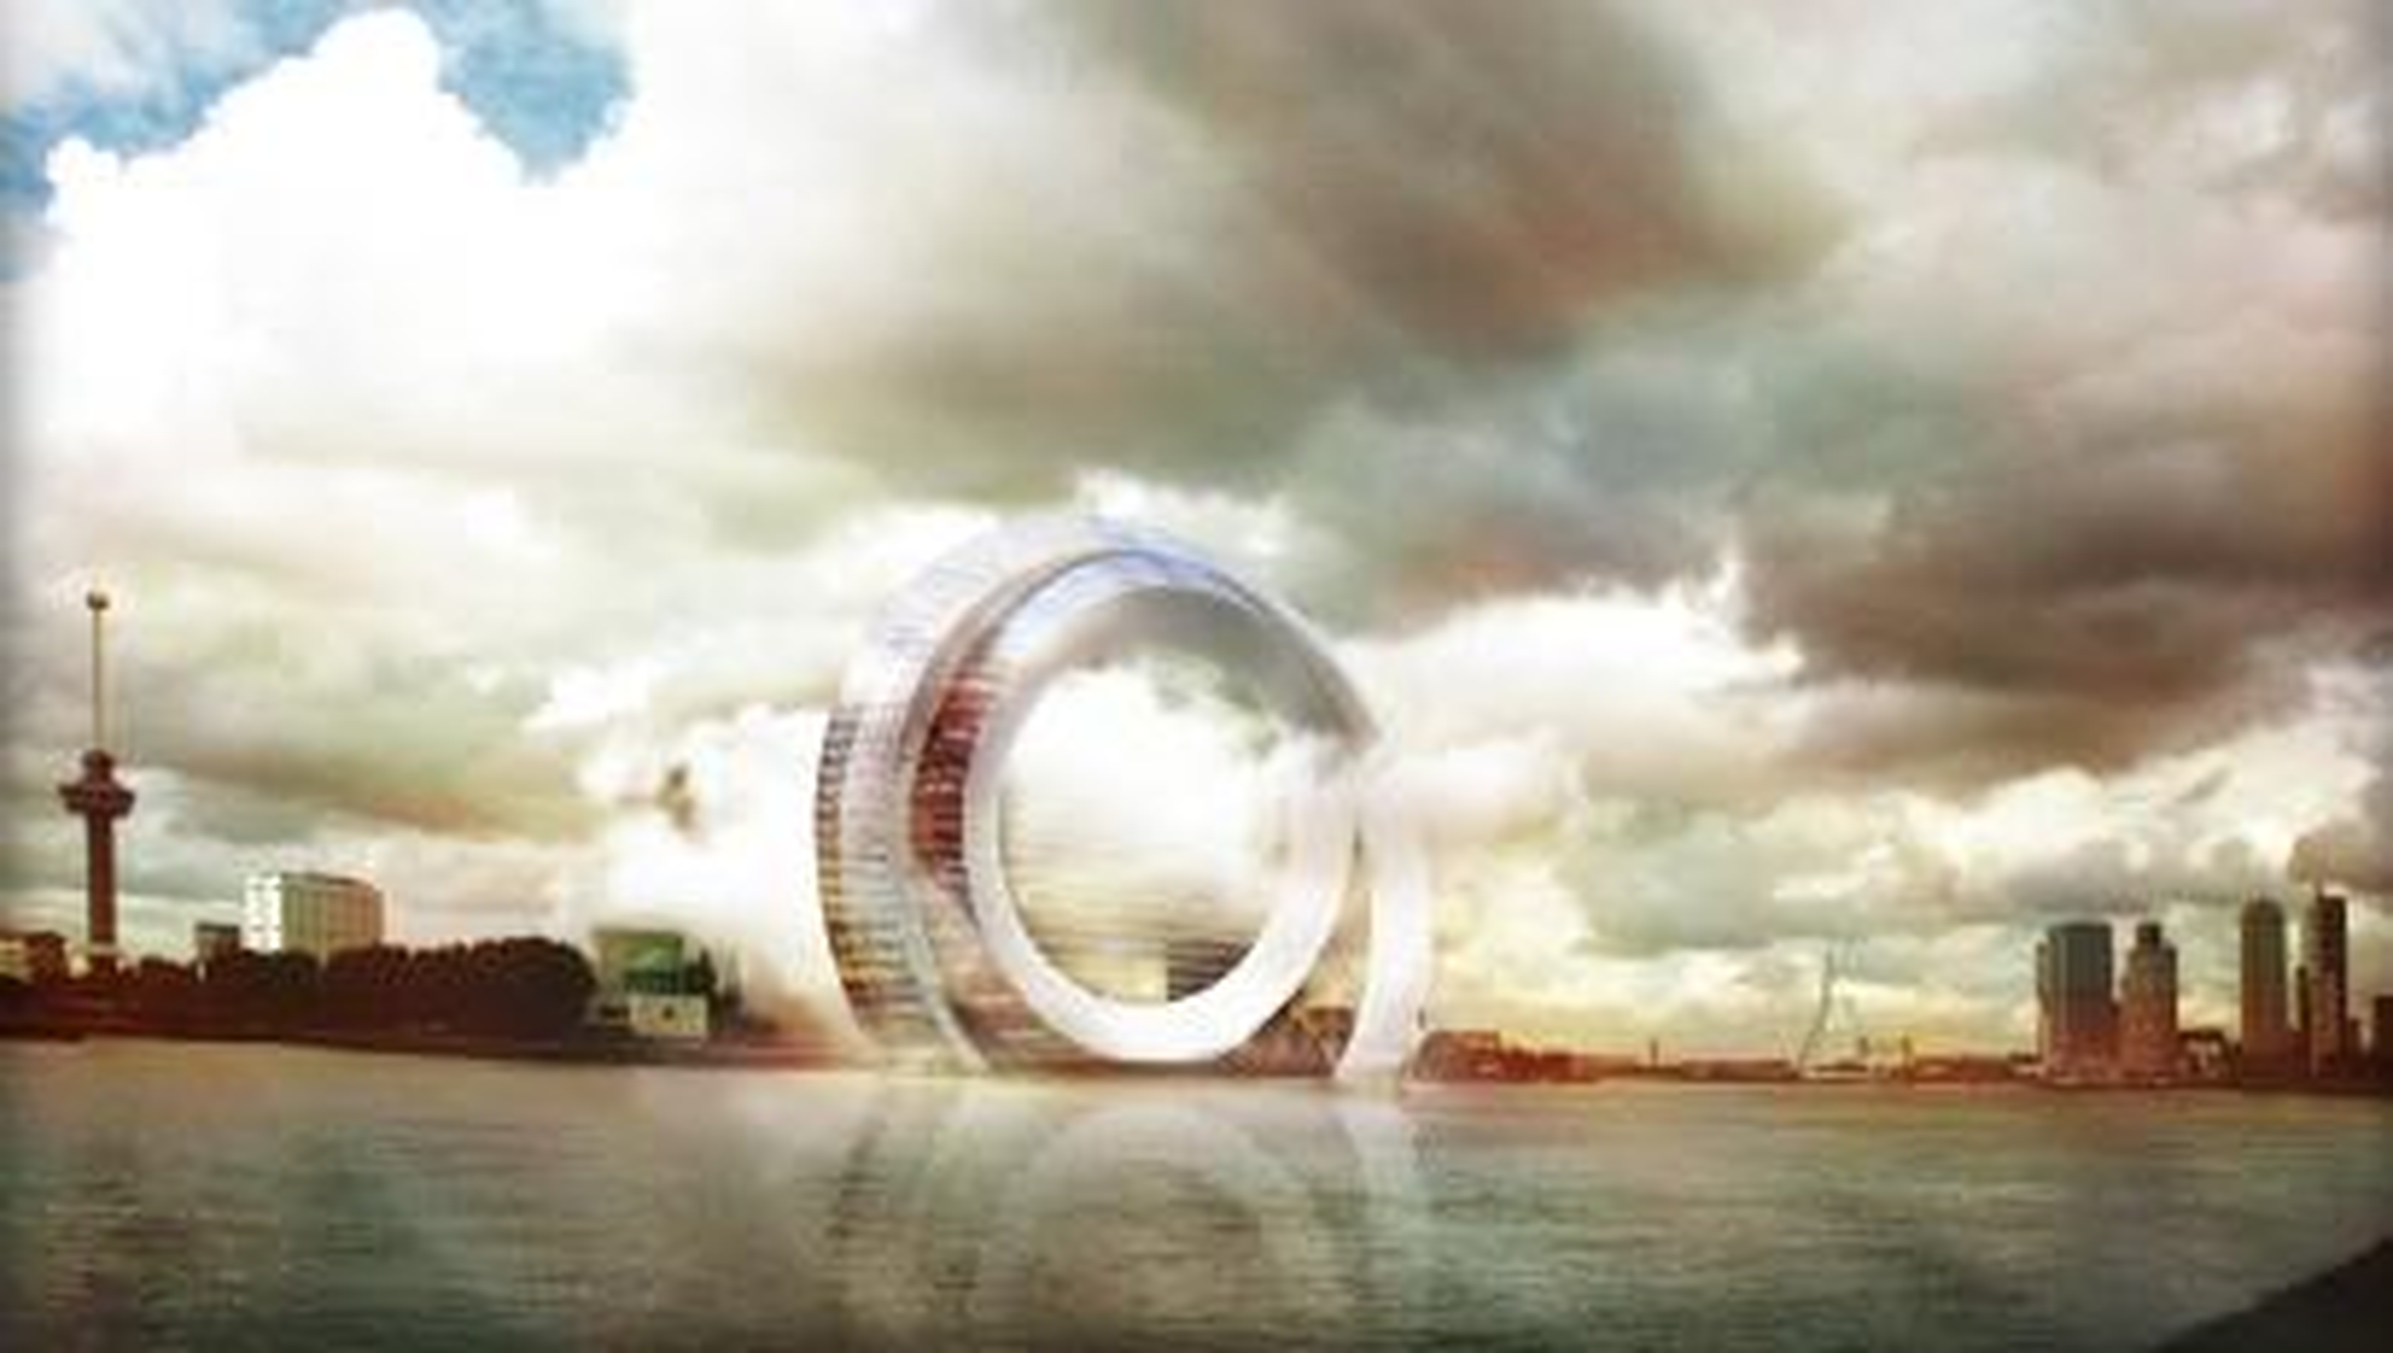 Windwheel in Netherlands.